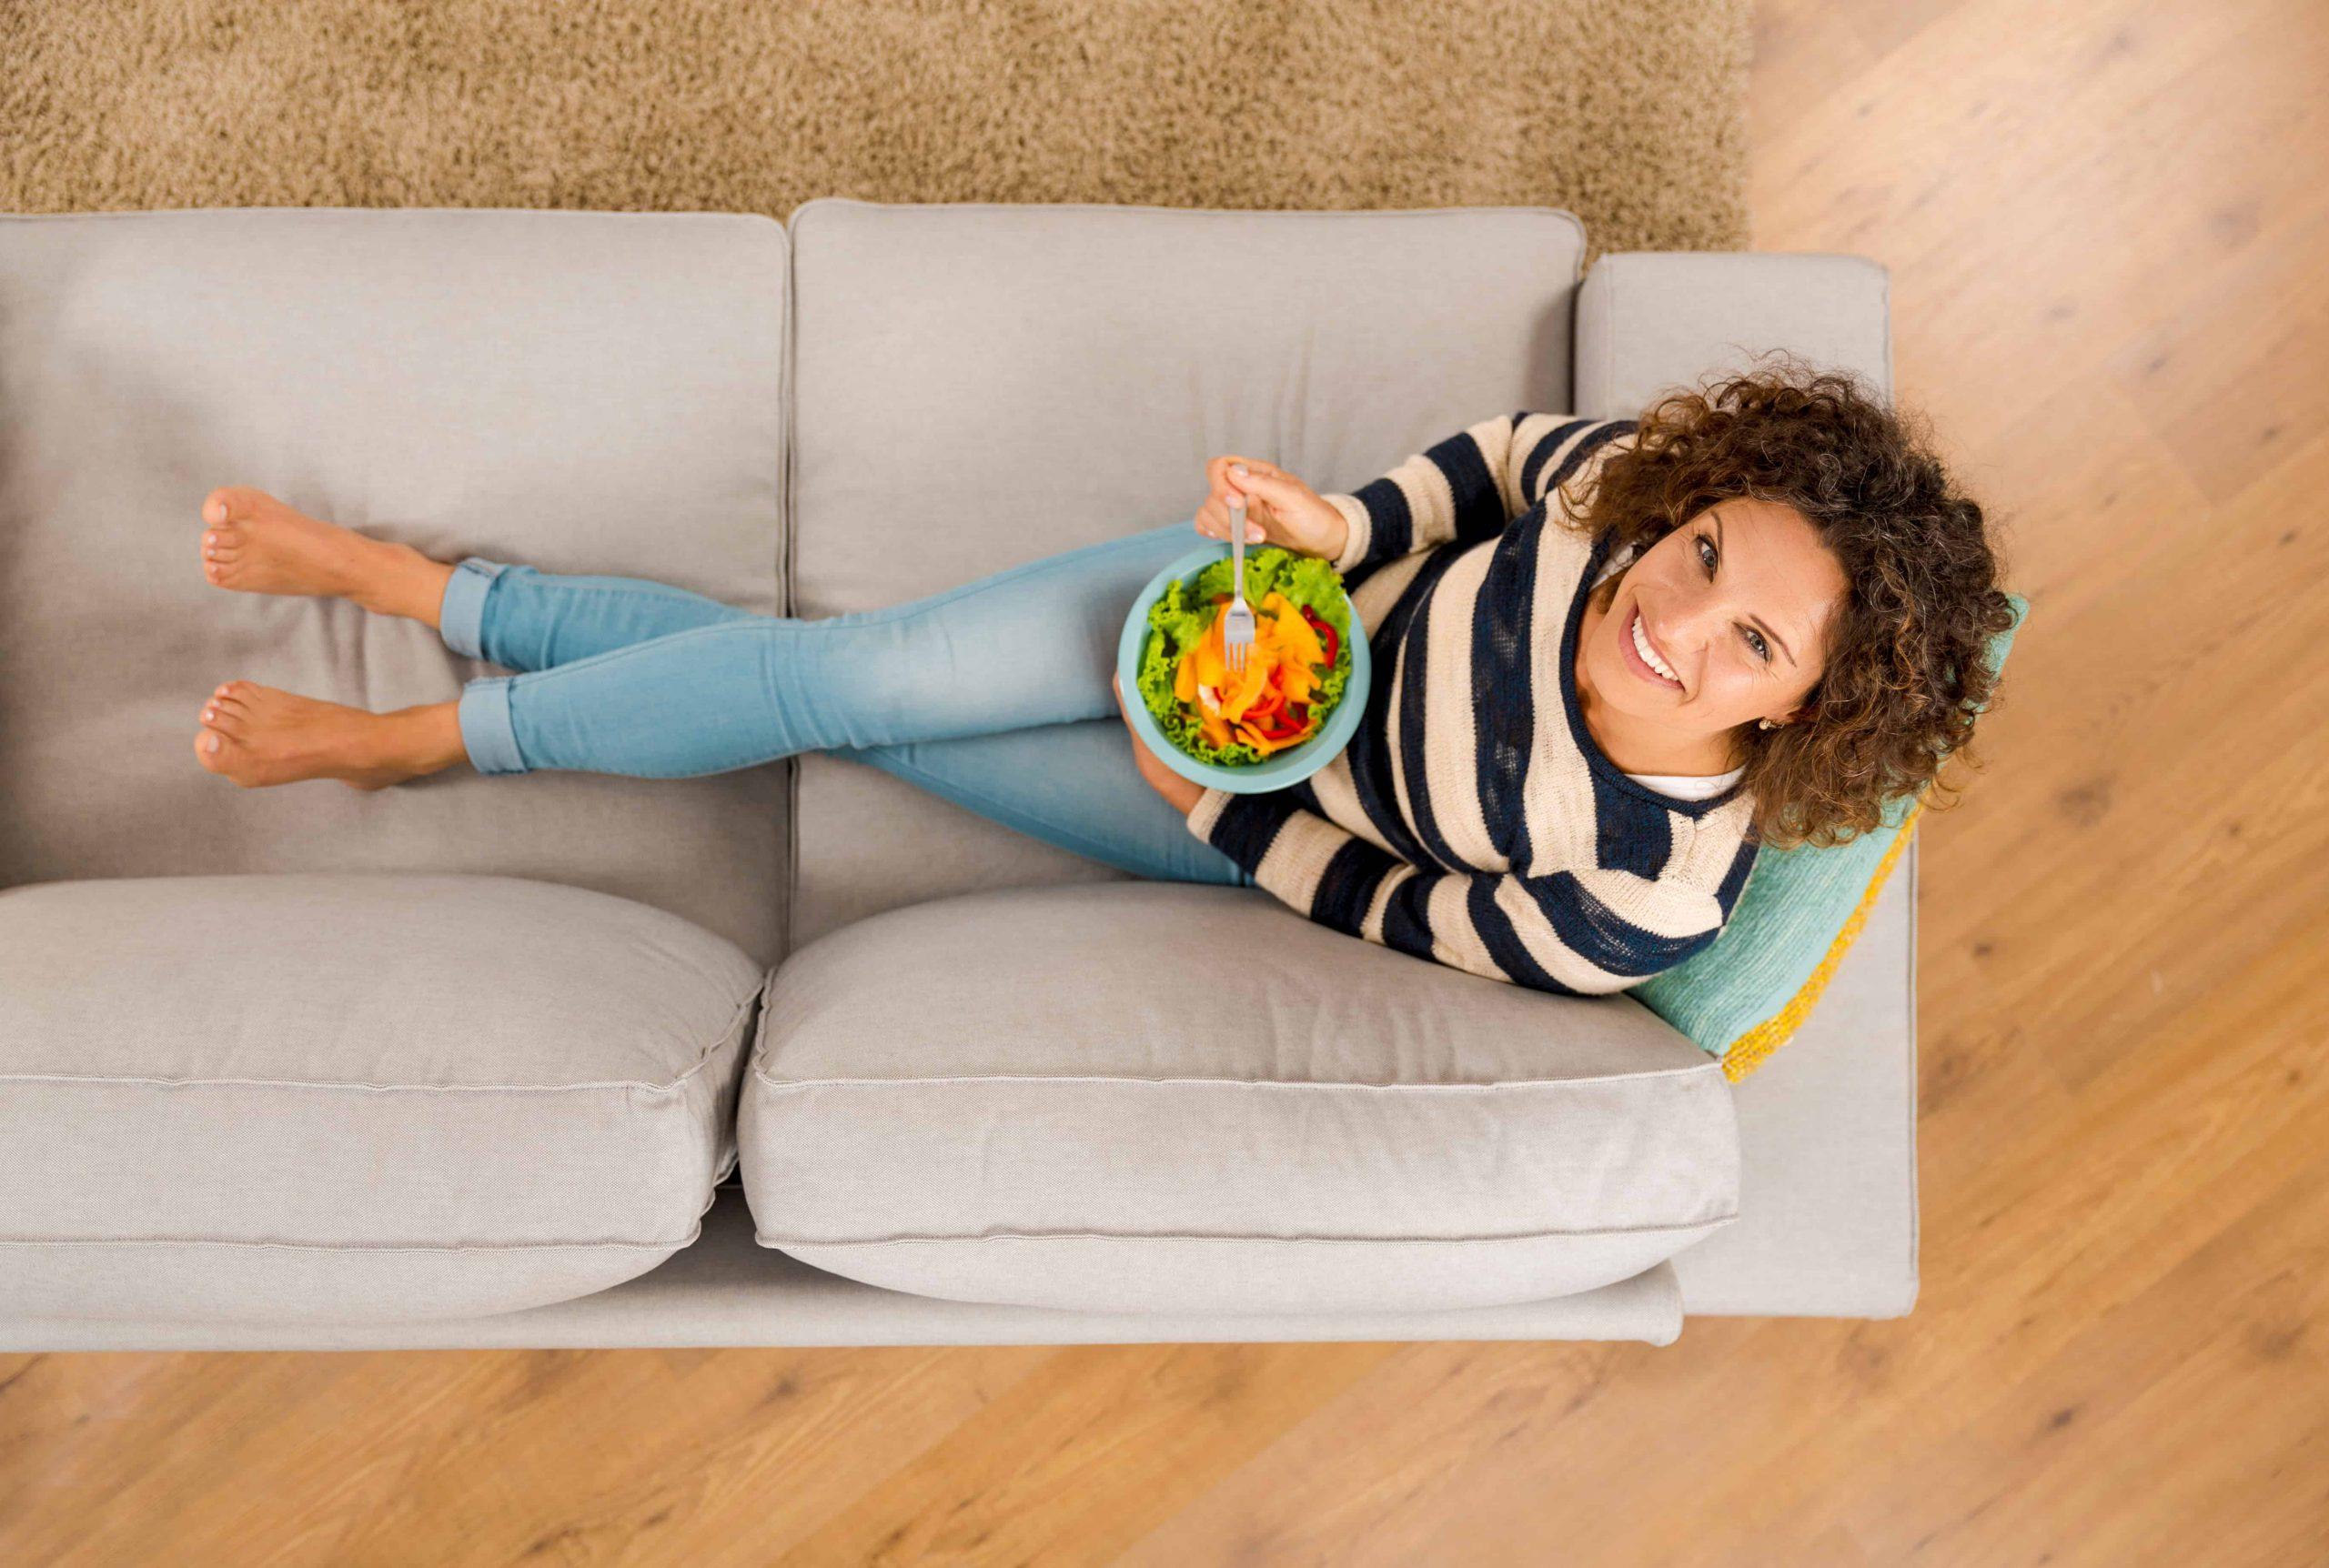 Gesund leben: Mit Ernährung, Sport und Schlaf zum gesünderen Leben